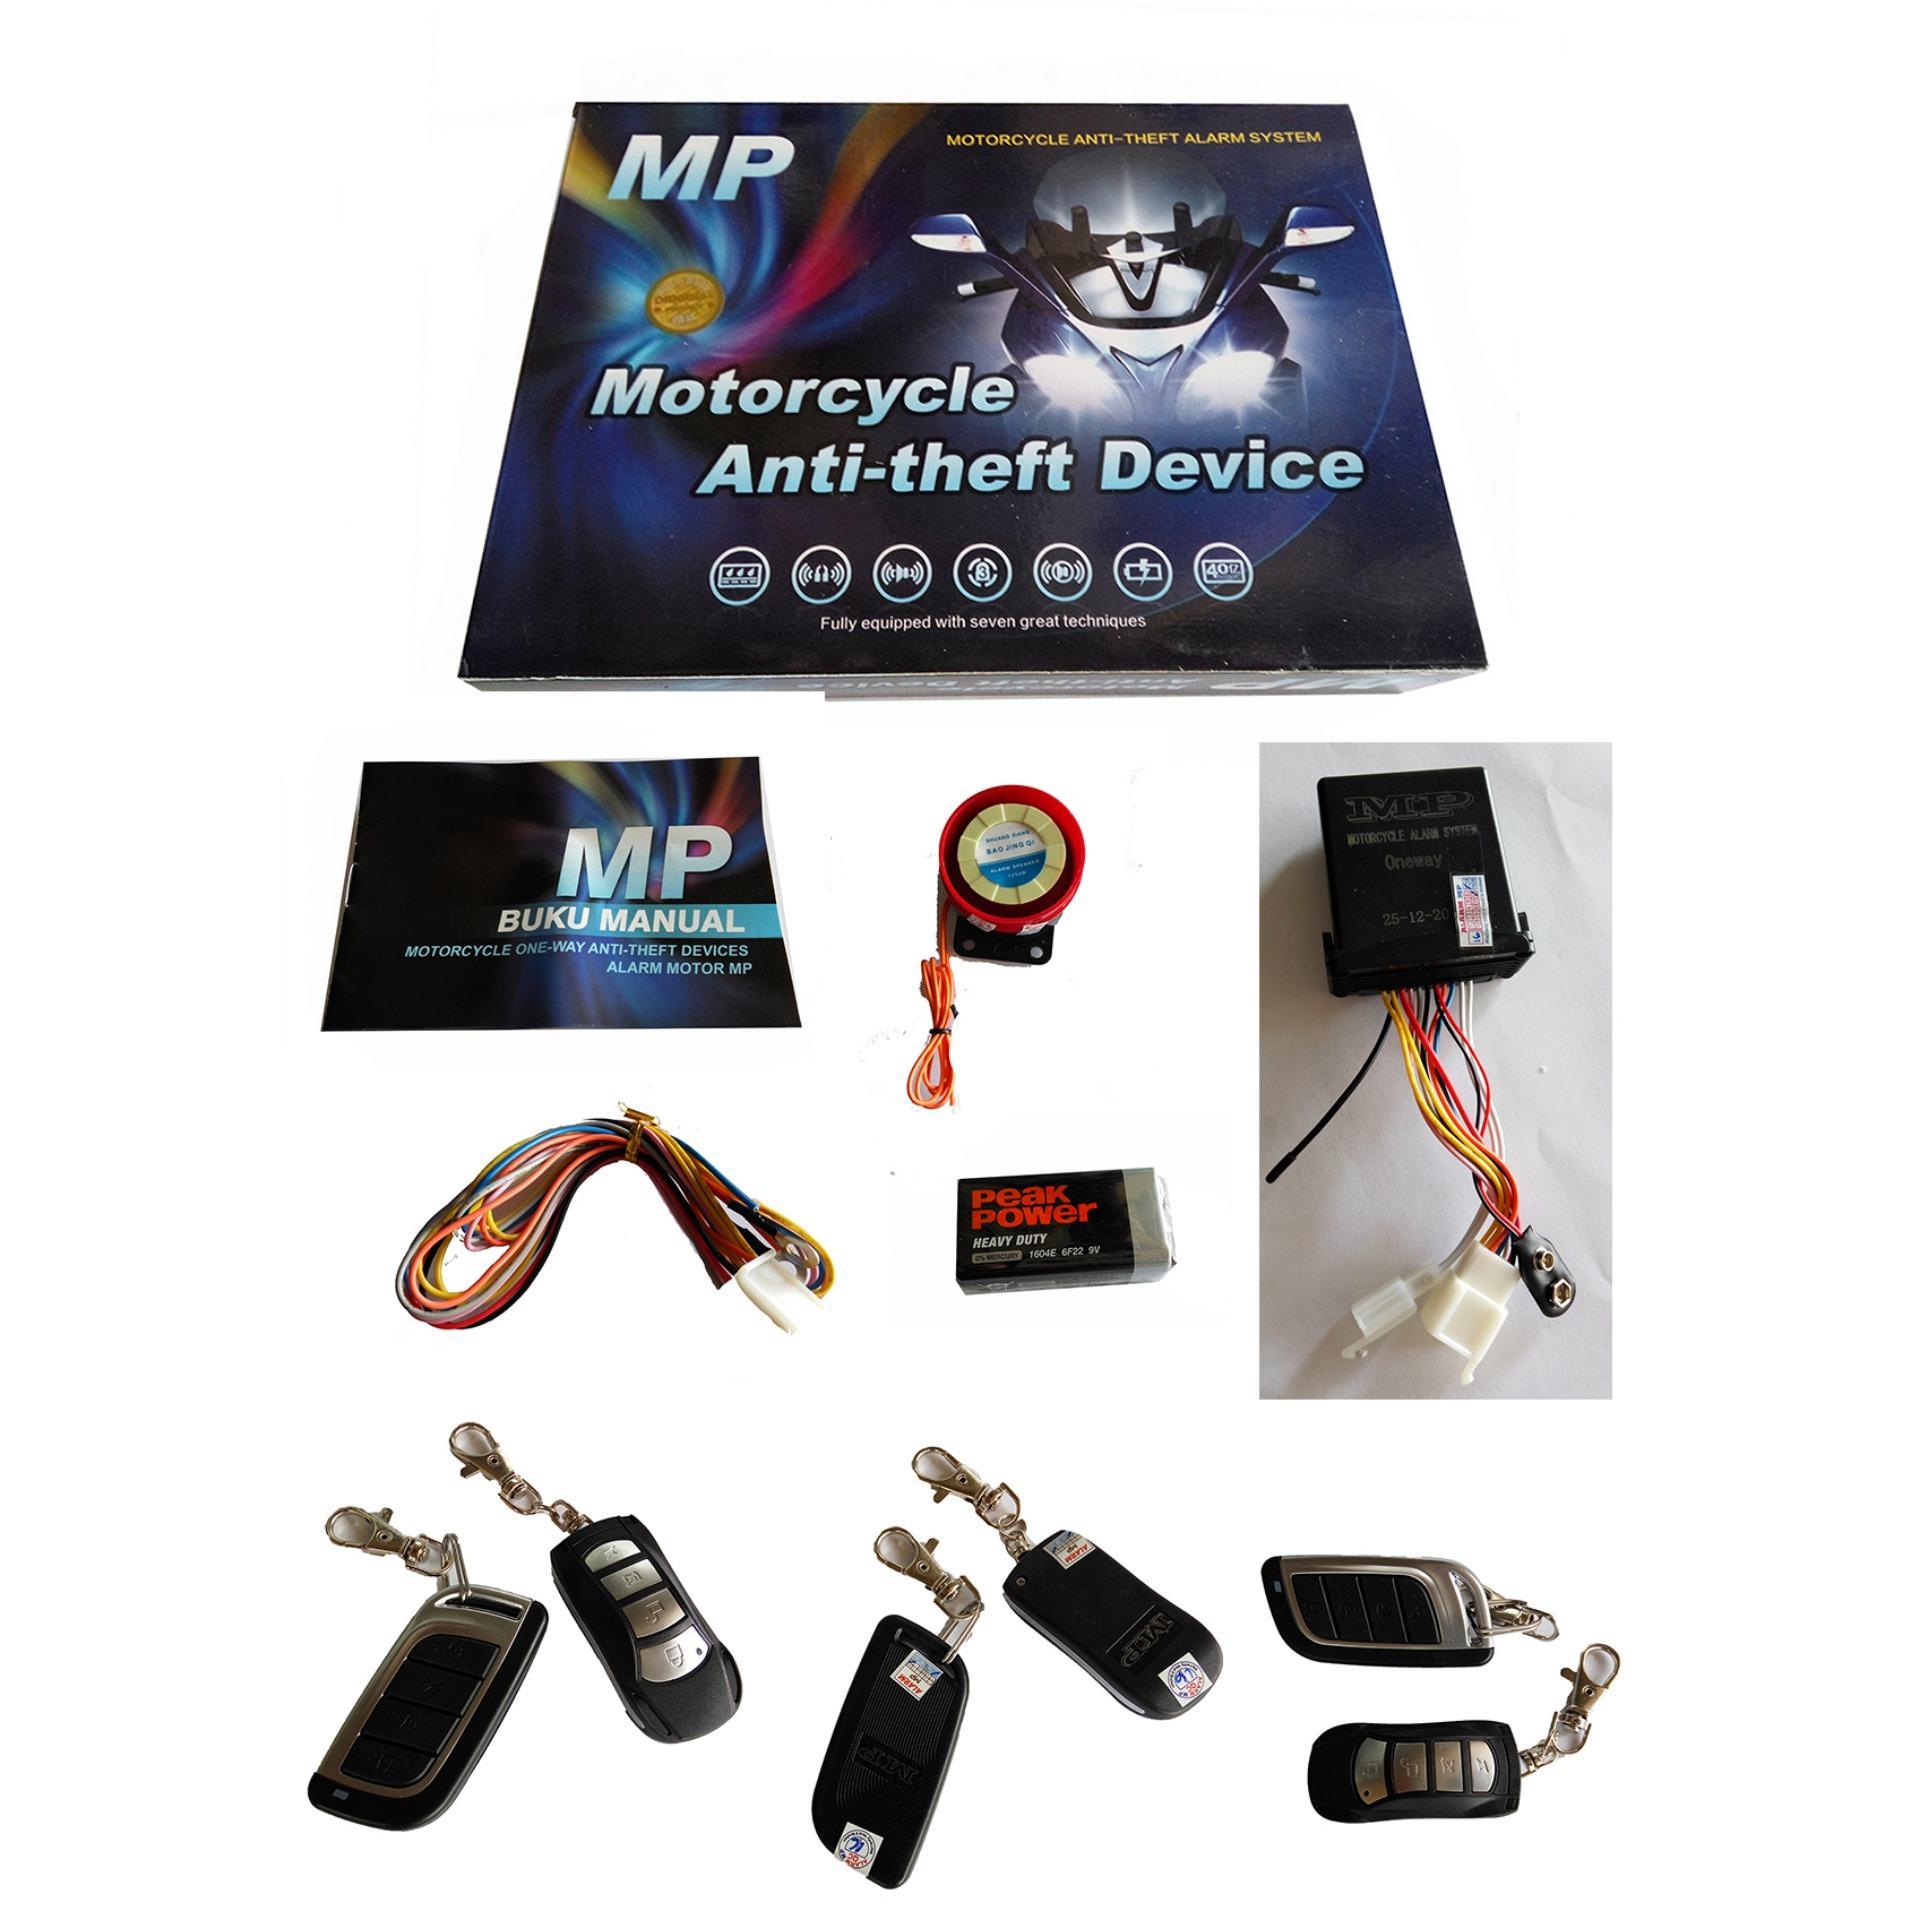 Review Alarm Motor Mp Original Universal Garansi Alarm Oneway Anti Maling Alarm Motor Karbu Injeksi